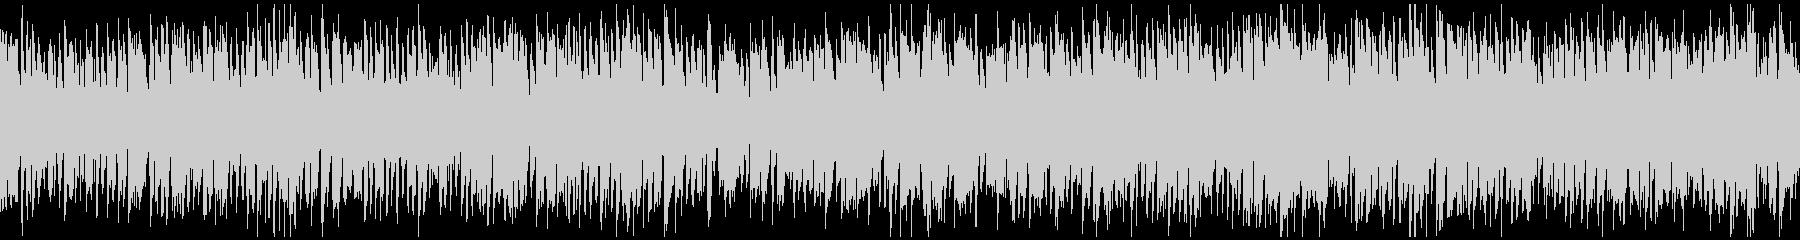 コミカル軽快リコーダー ※ループ仕様版の未再生の波形